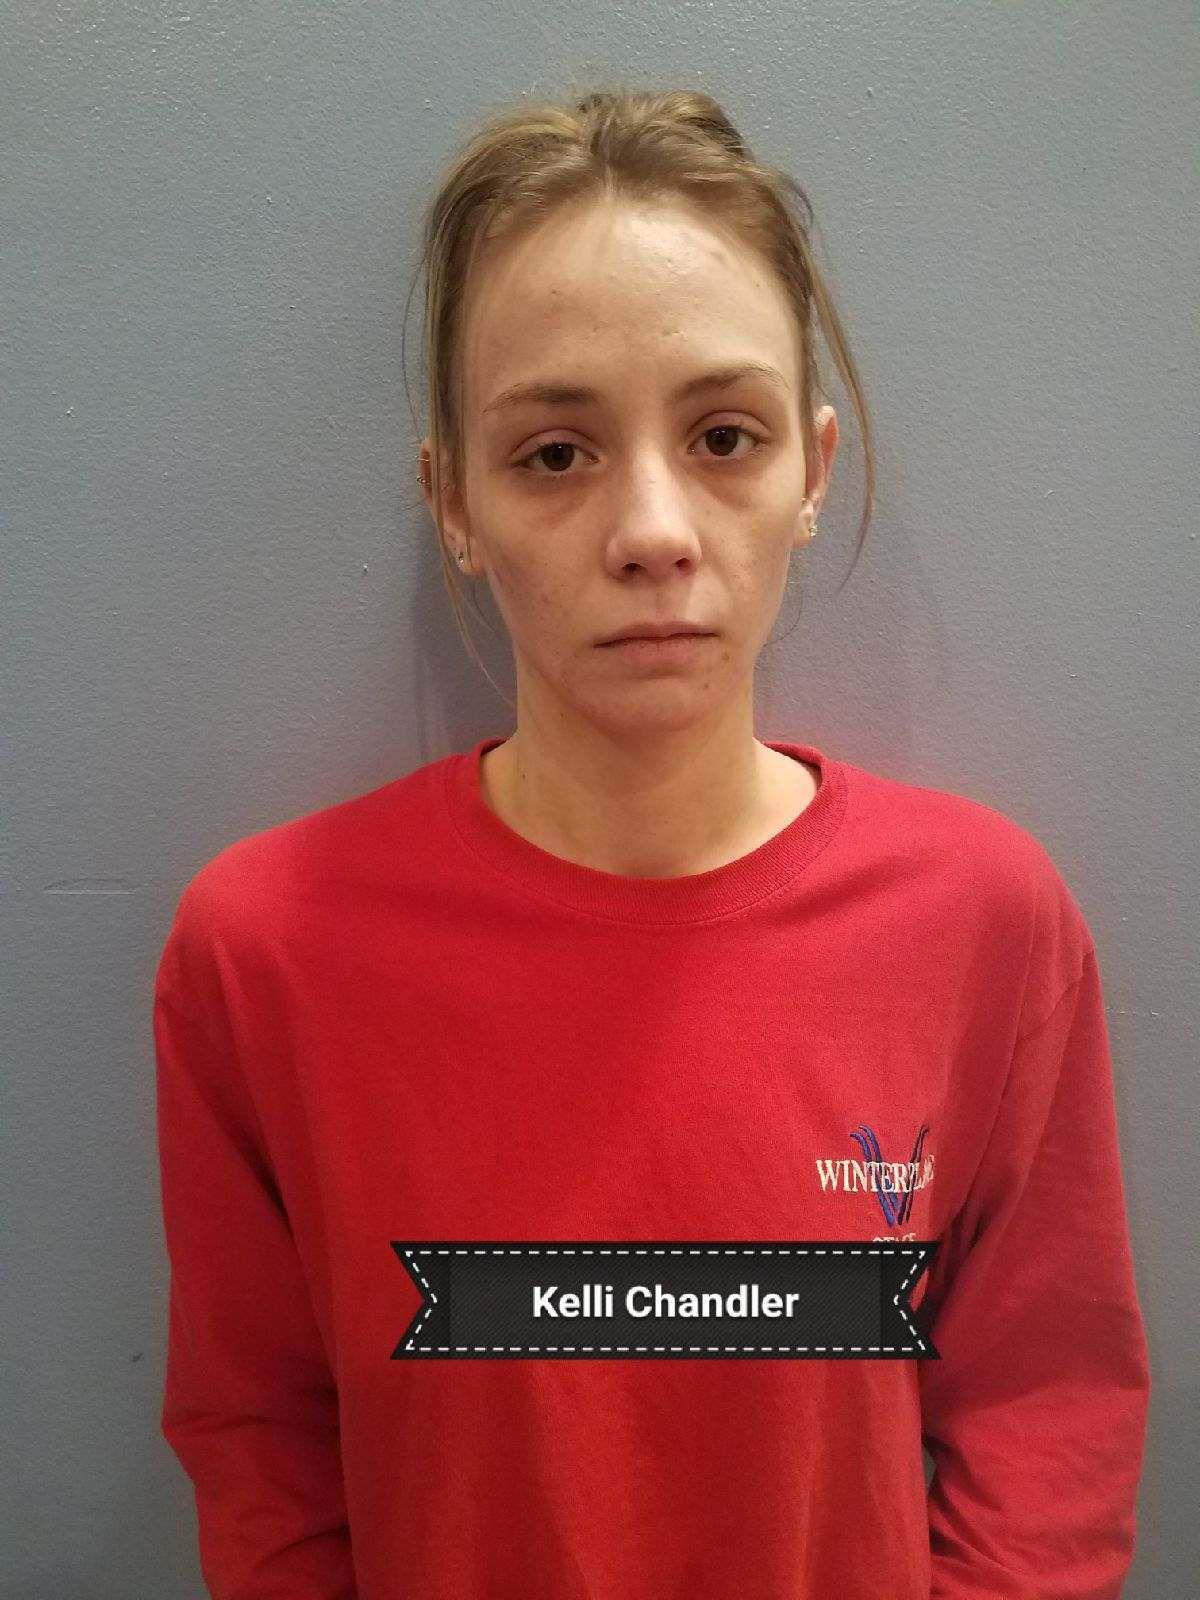 27 arrested in drug sweep